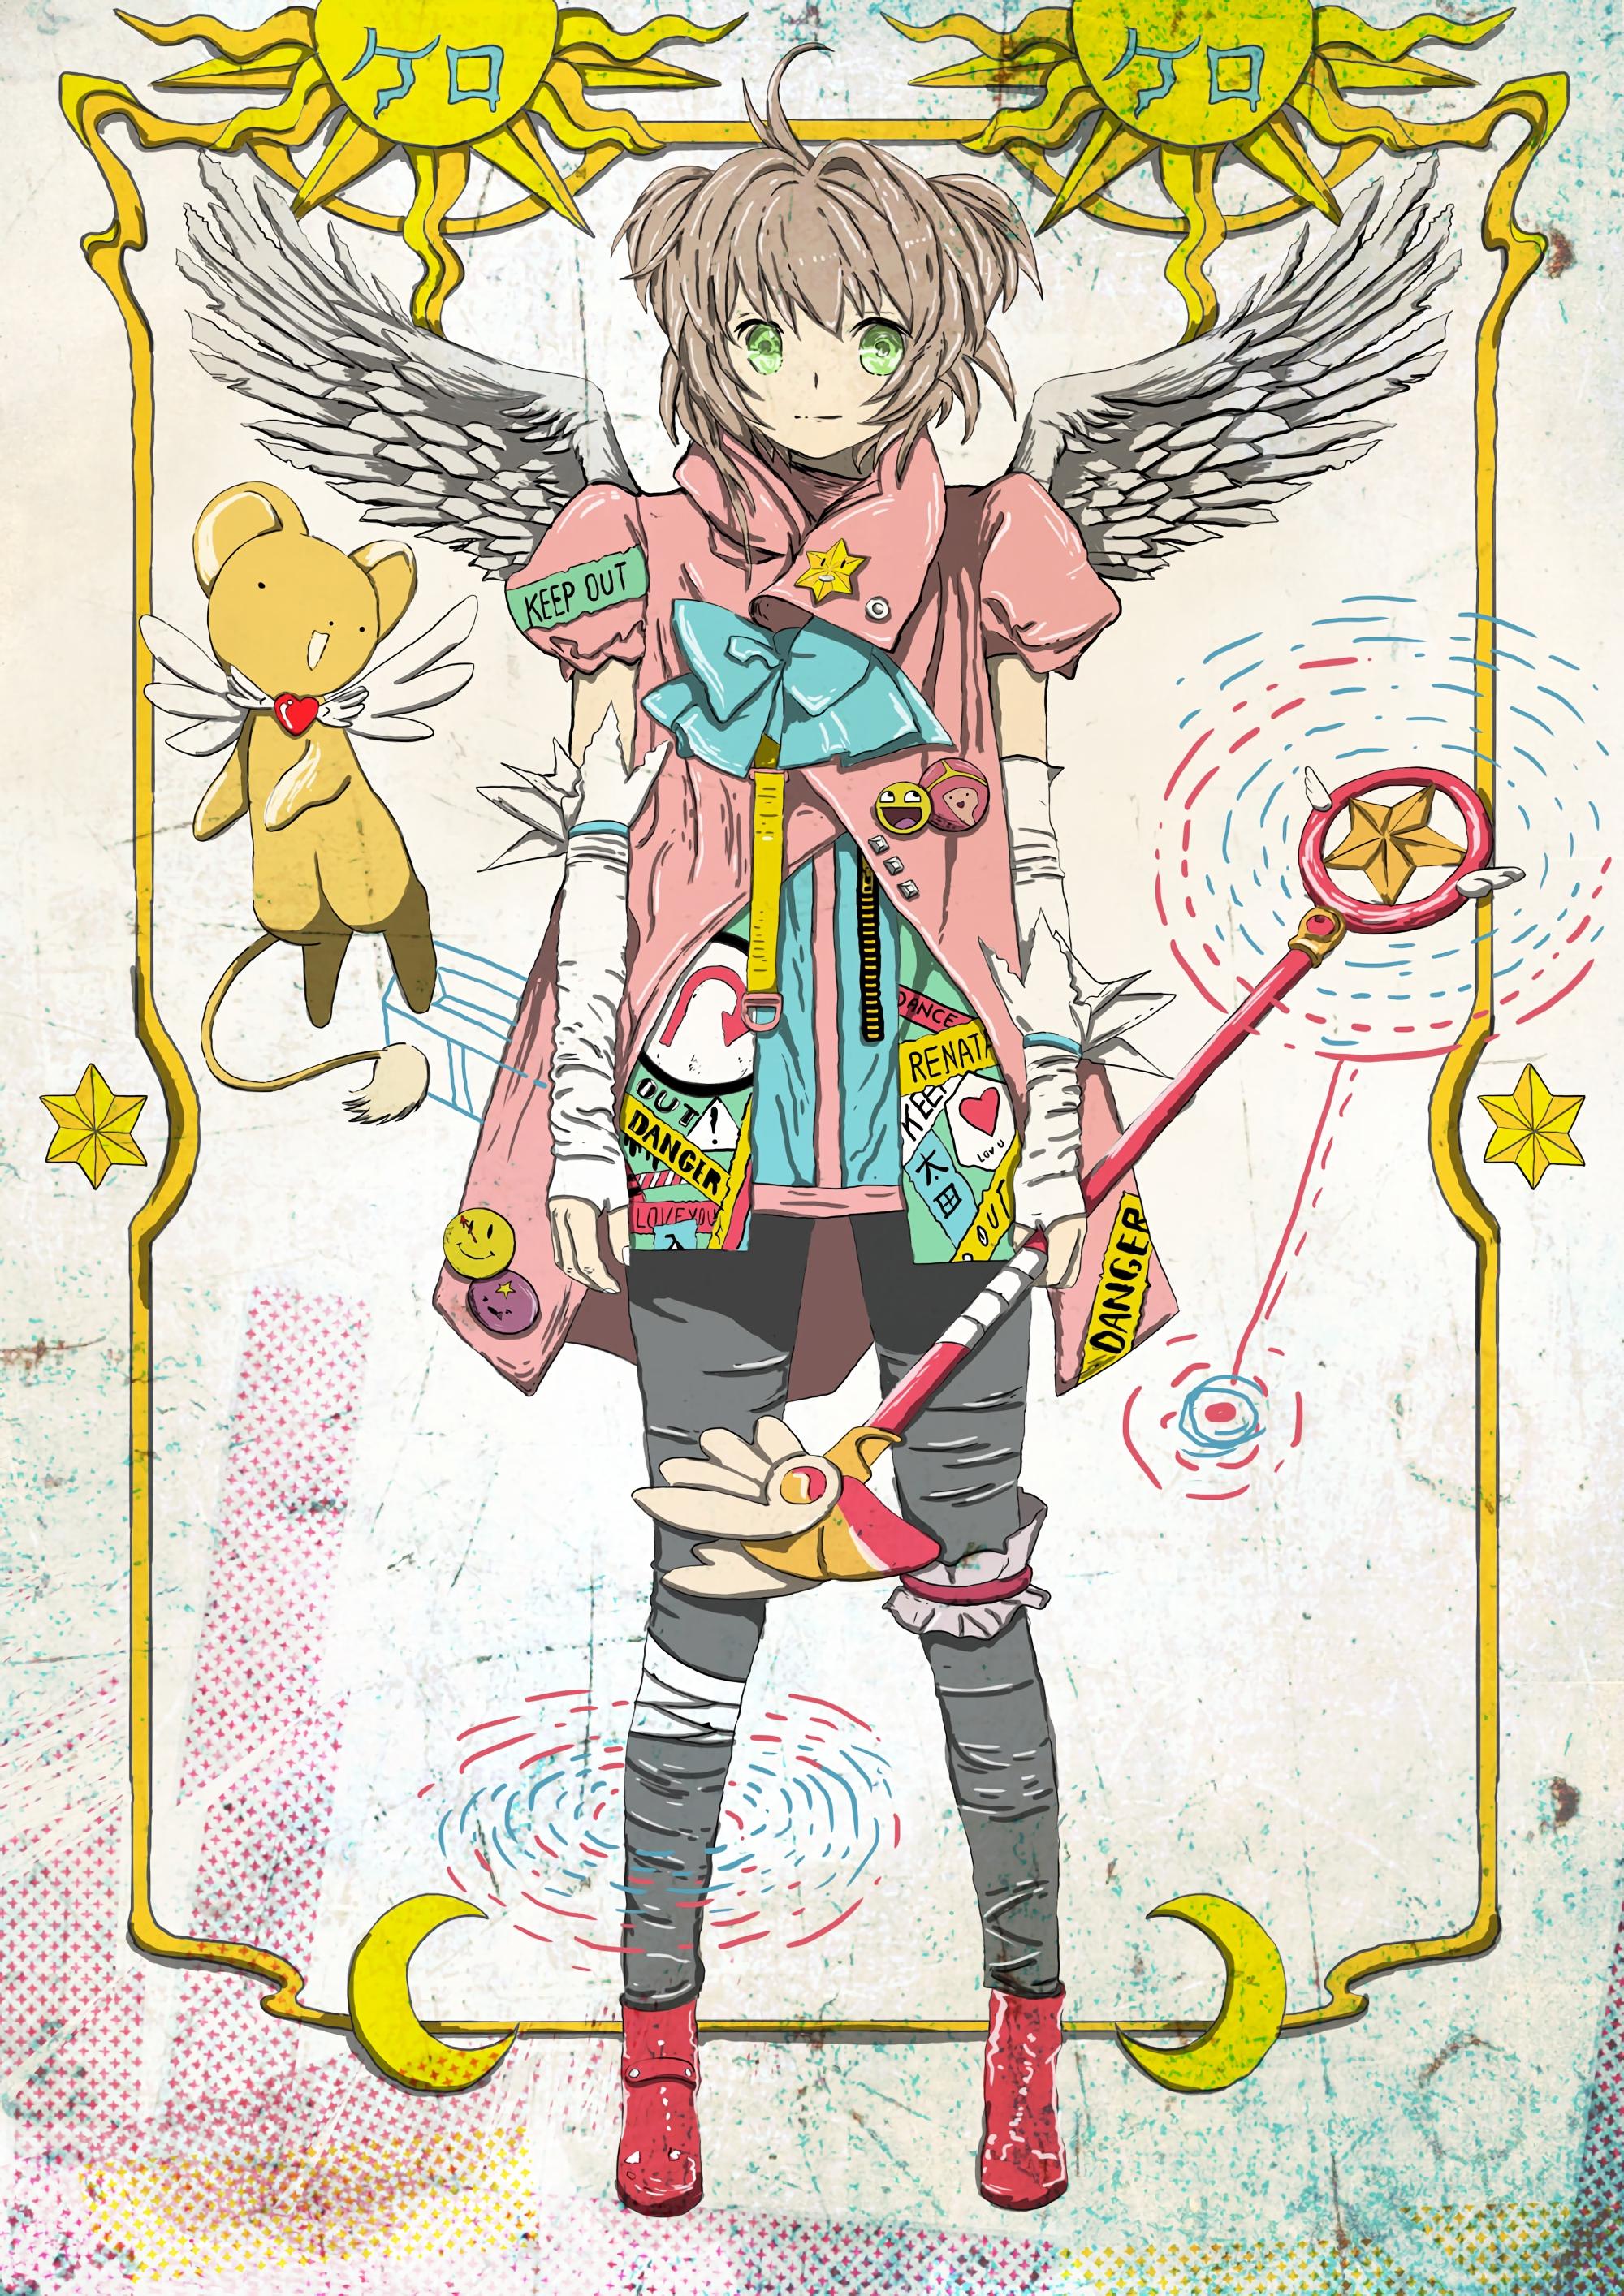 100998 Hintergrundbild herunterladen Anime, Mädchen, Kunst, Sun, Flügel - Bildschirmschoner und Bilder kostenlos